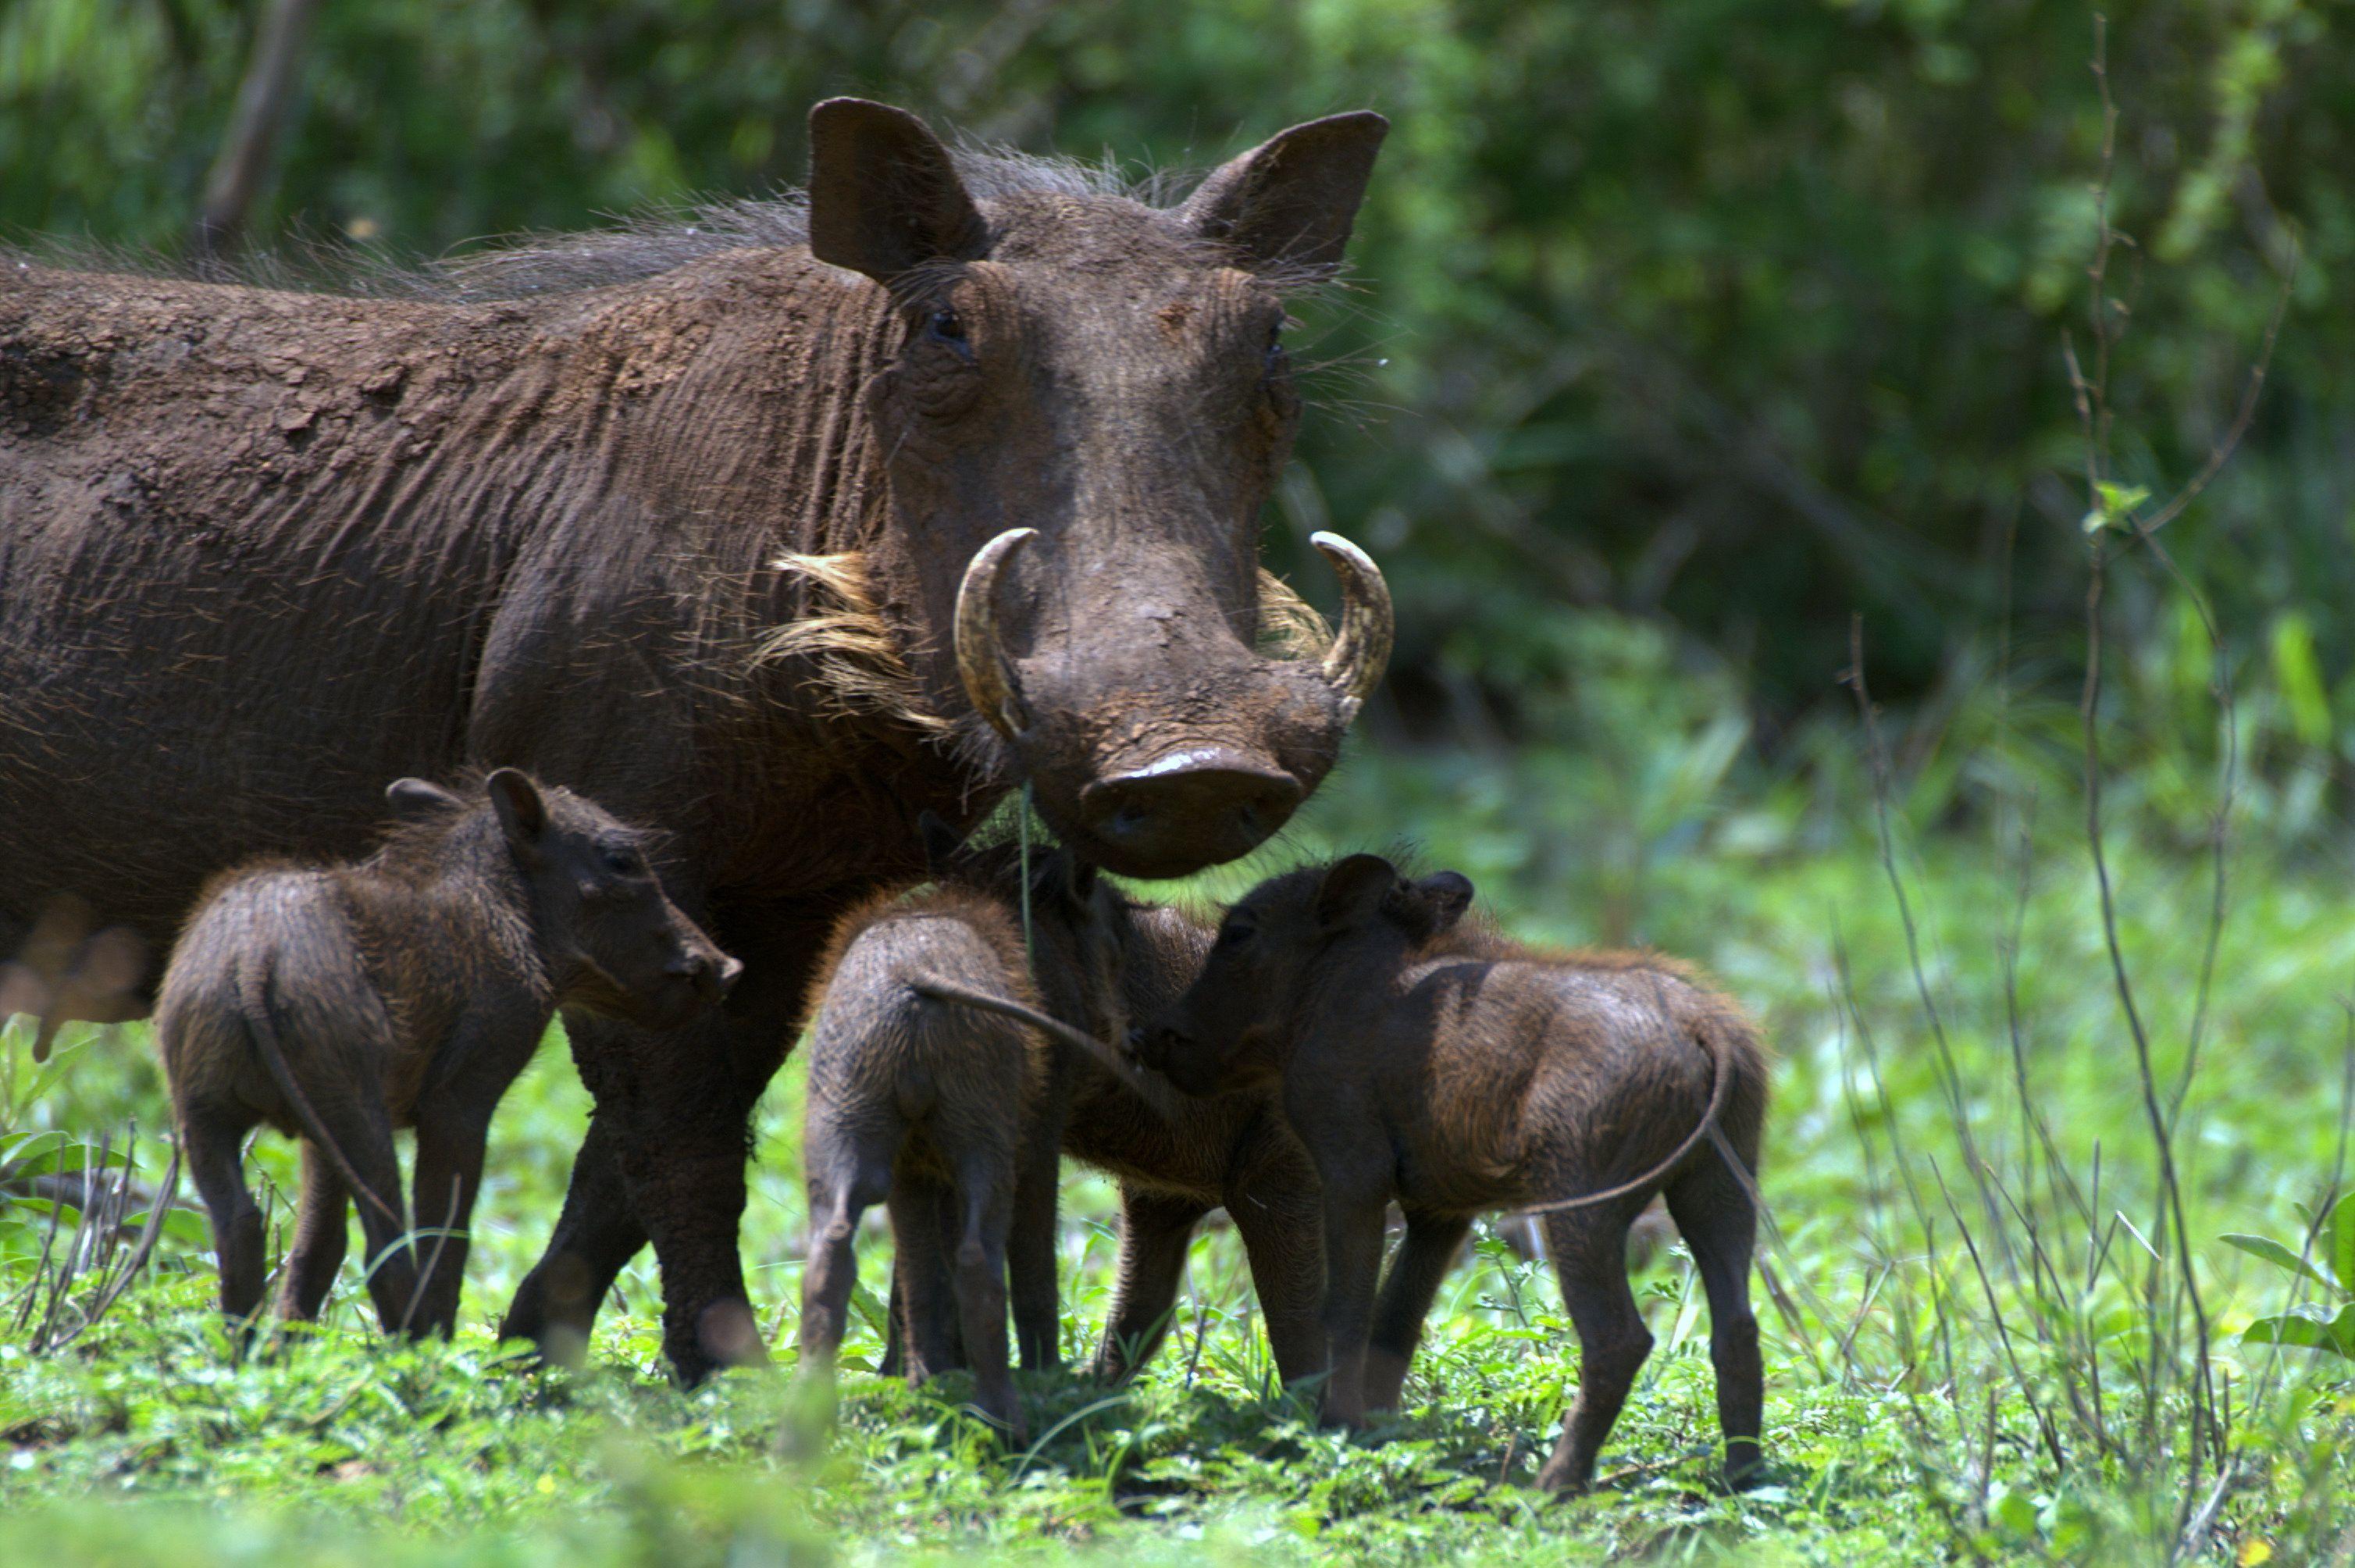 Warthog - Vlakvark  Animals Wild, Warthog, African Animals-3480